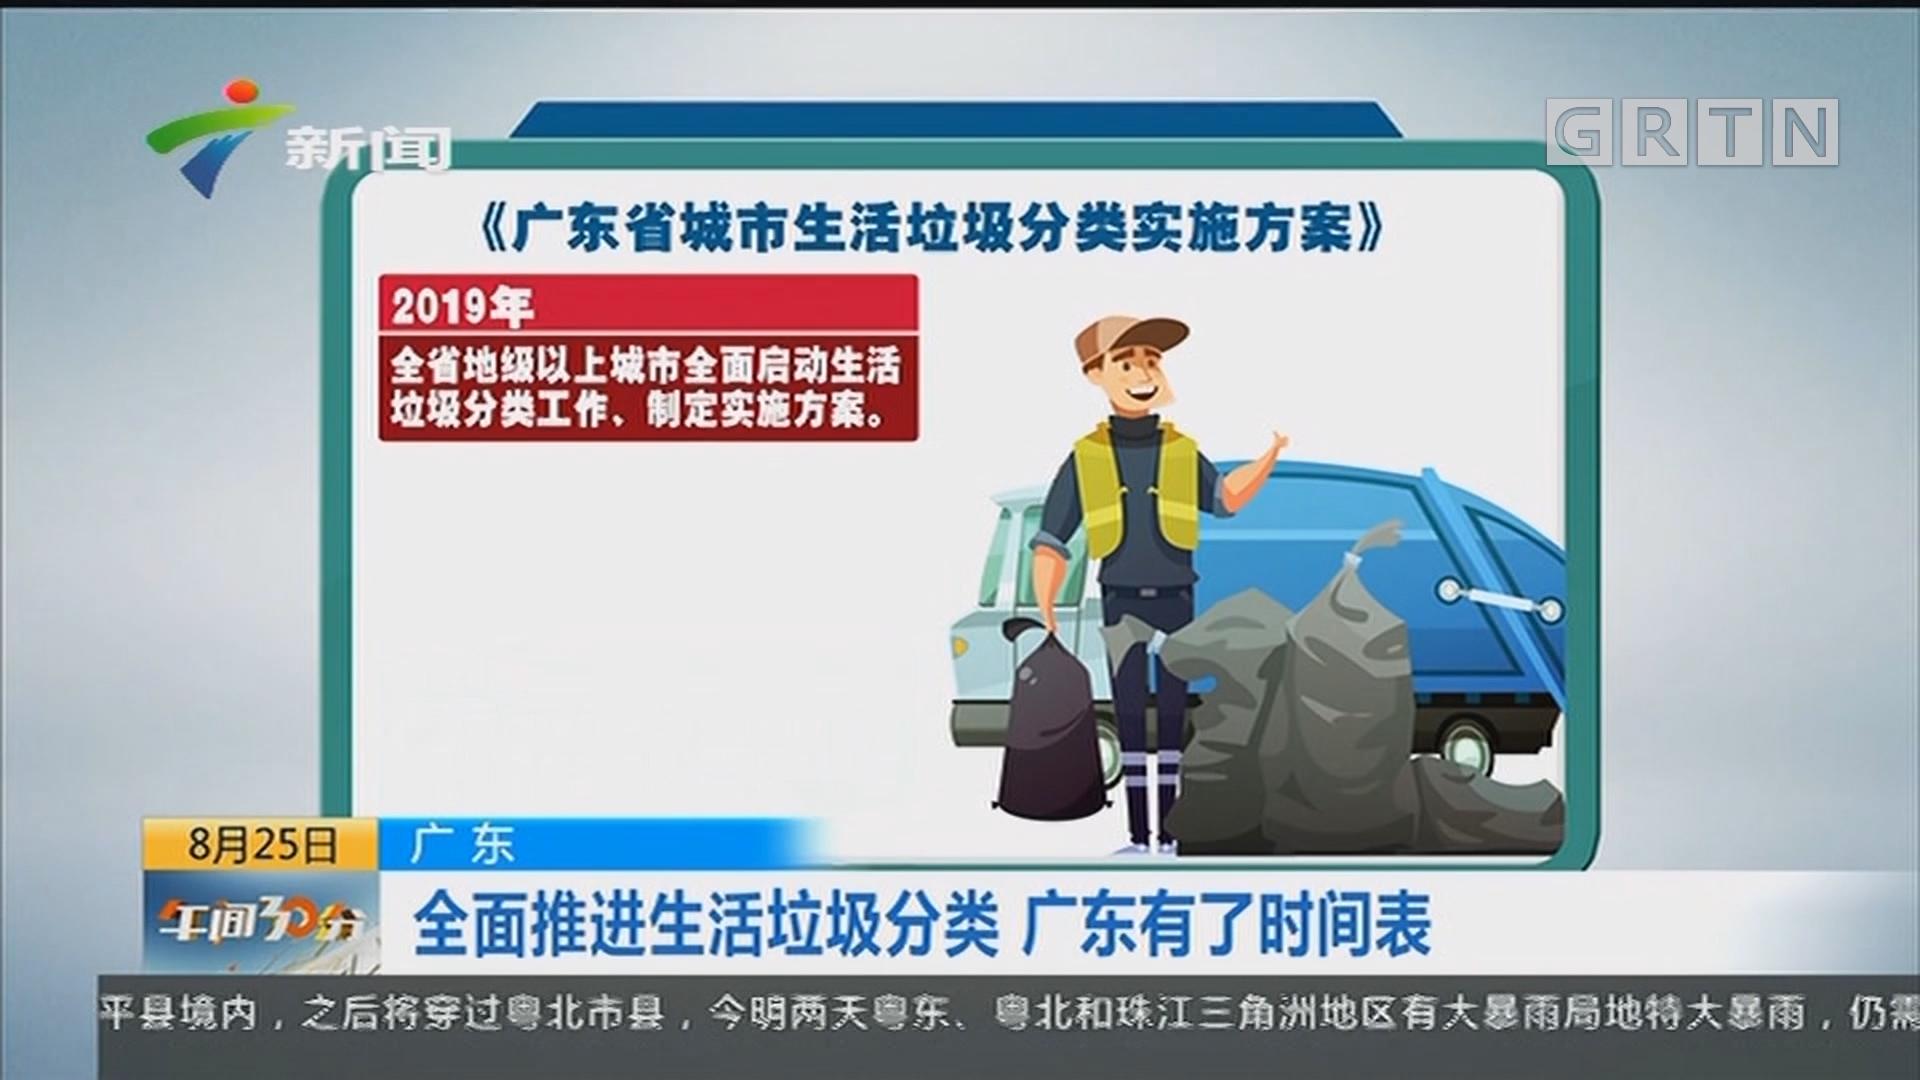 广东 全面推进生活垃圾分类 广东有了时间表